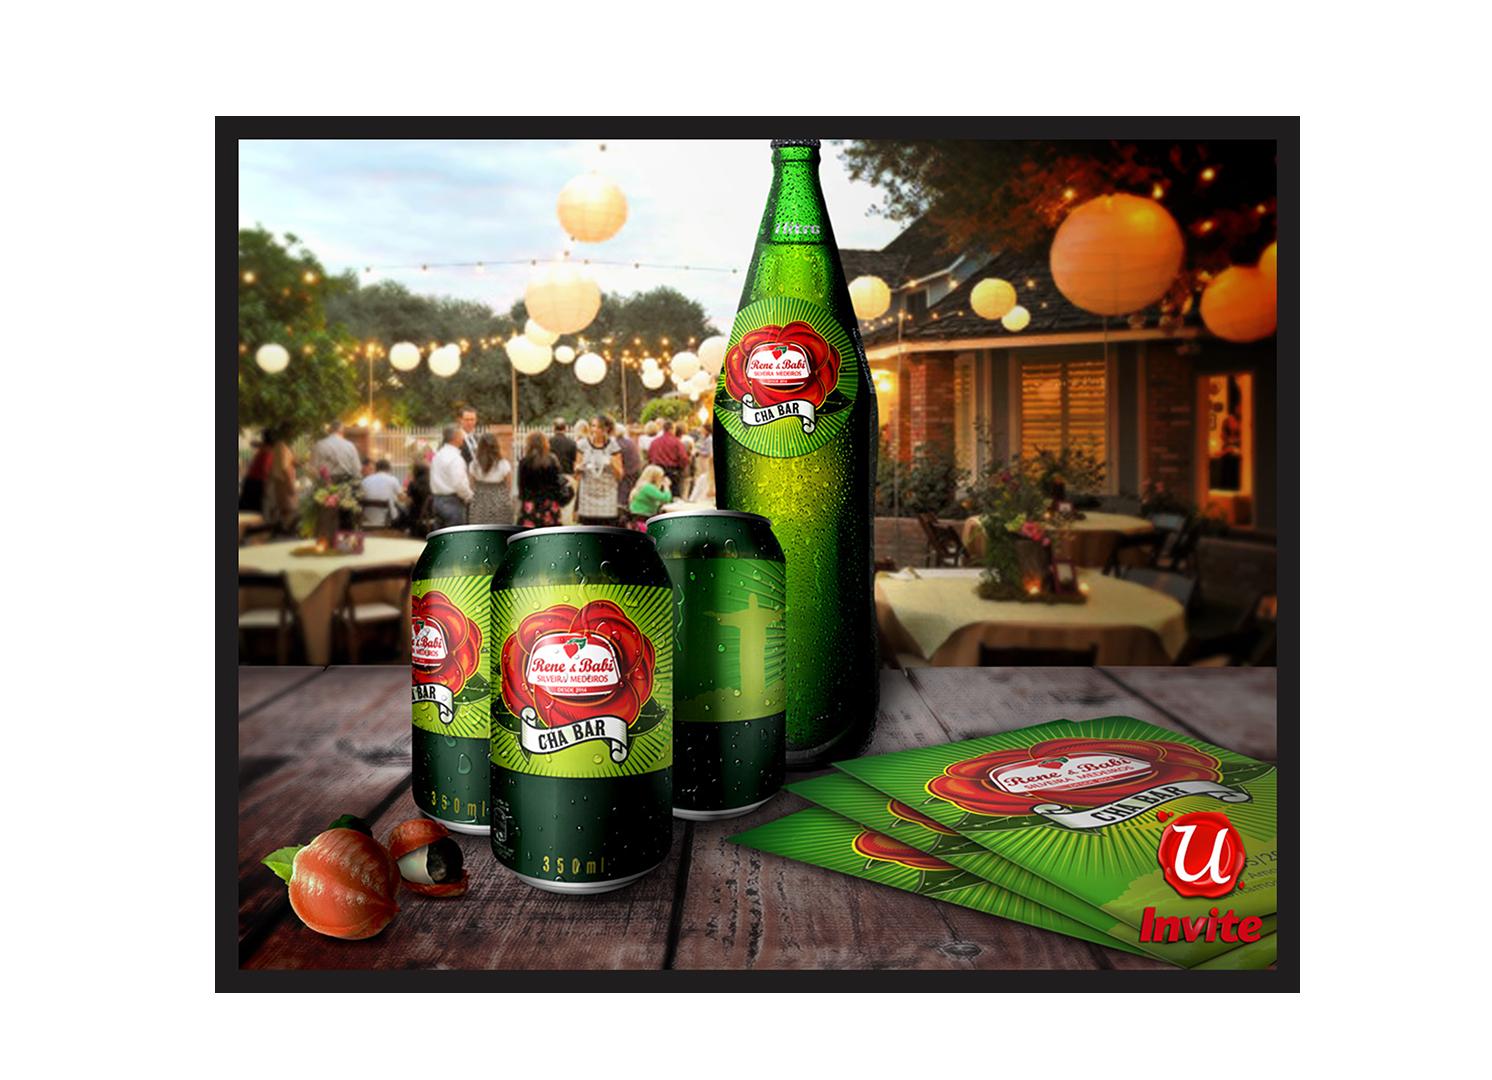 Produto - Linha Refri Chá Bar